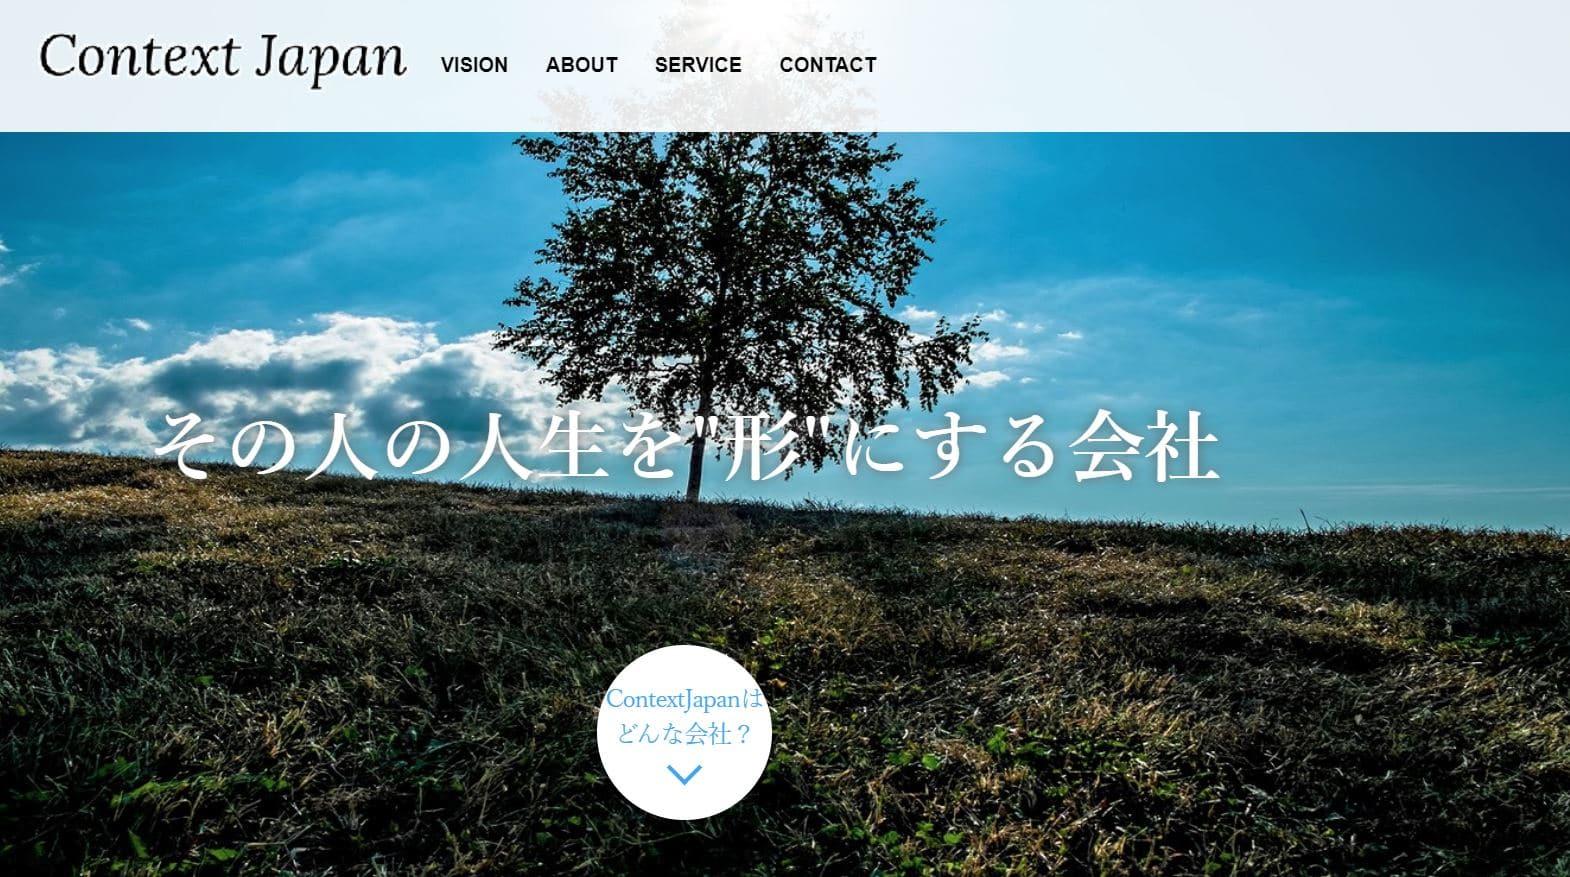 株式会社ContextJapan